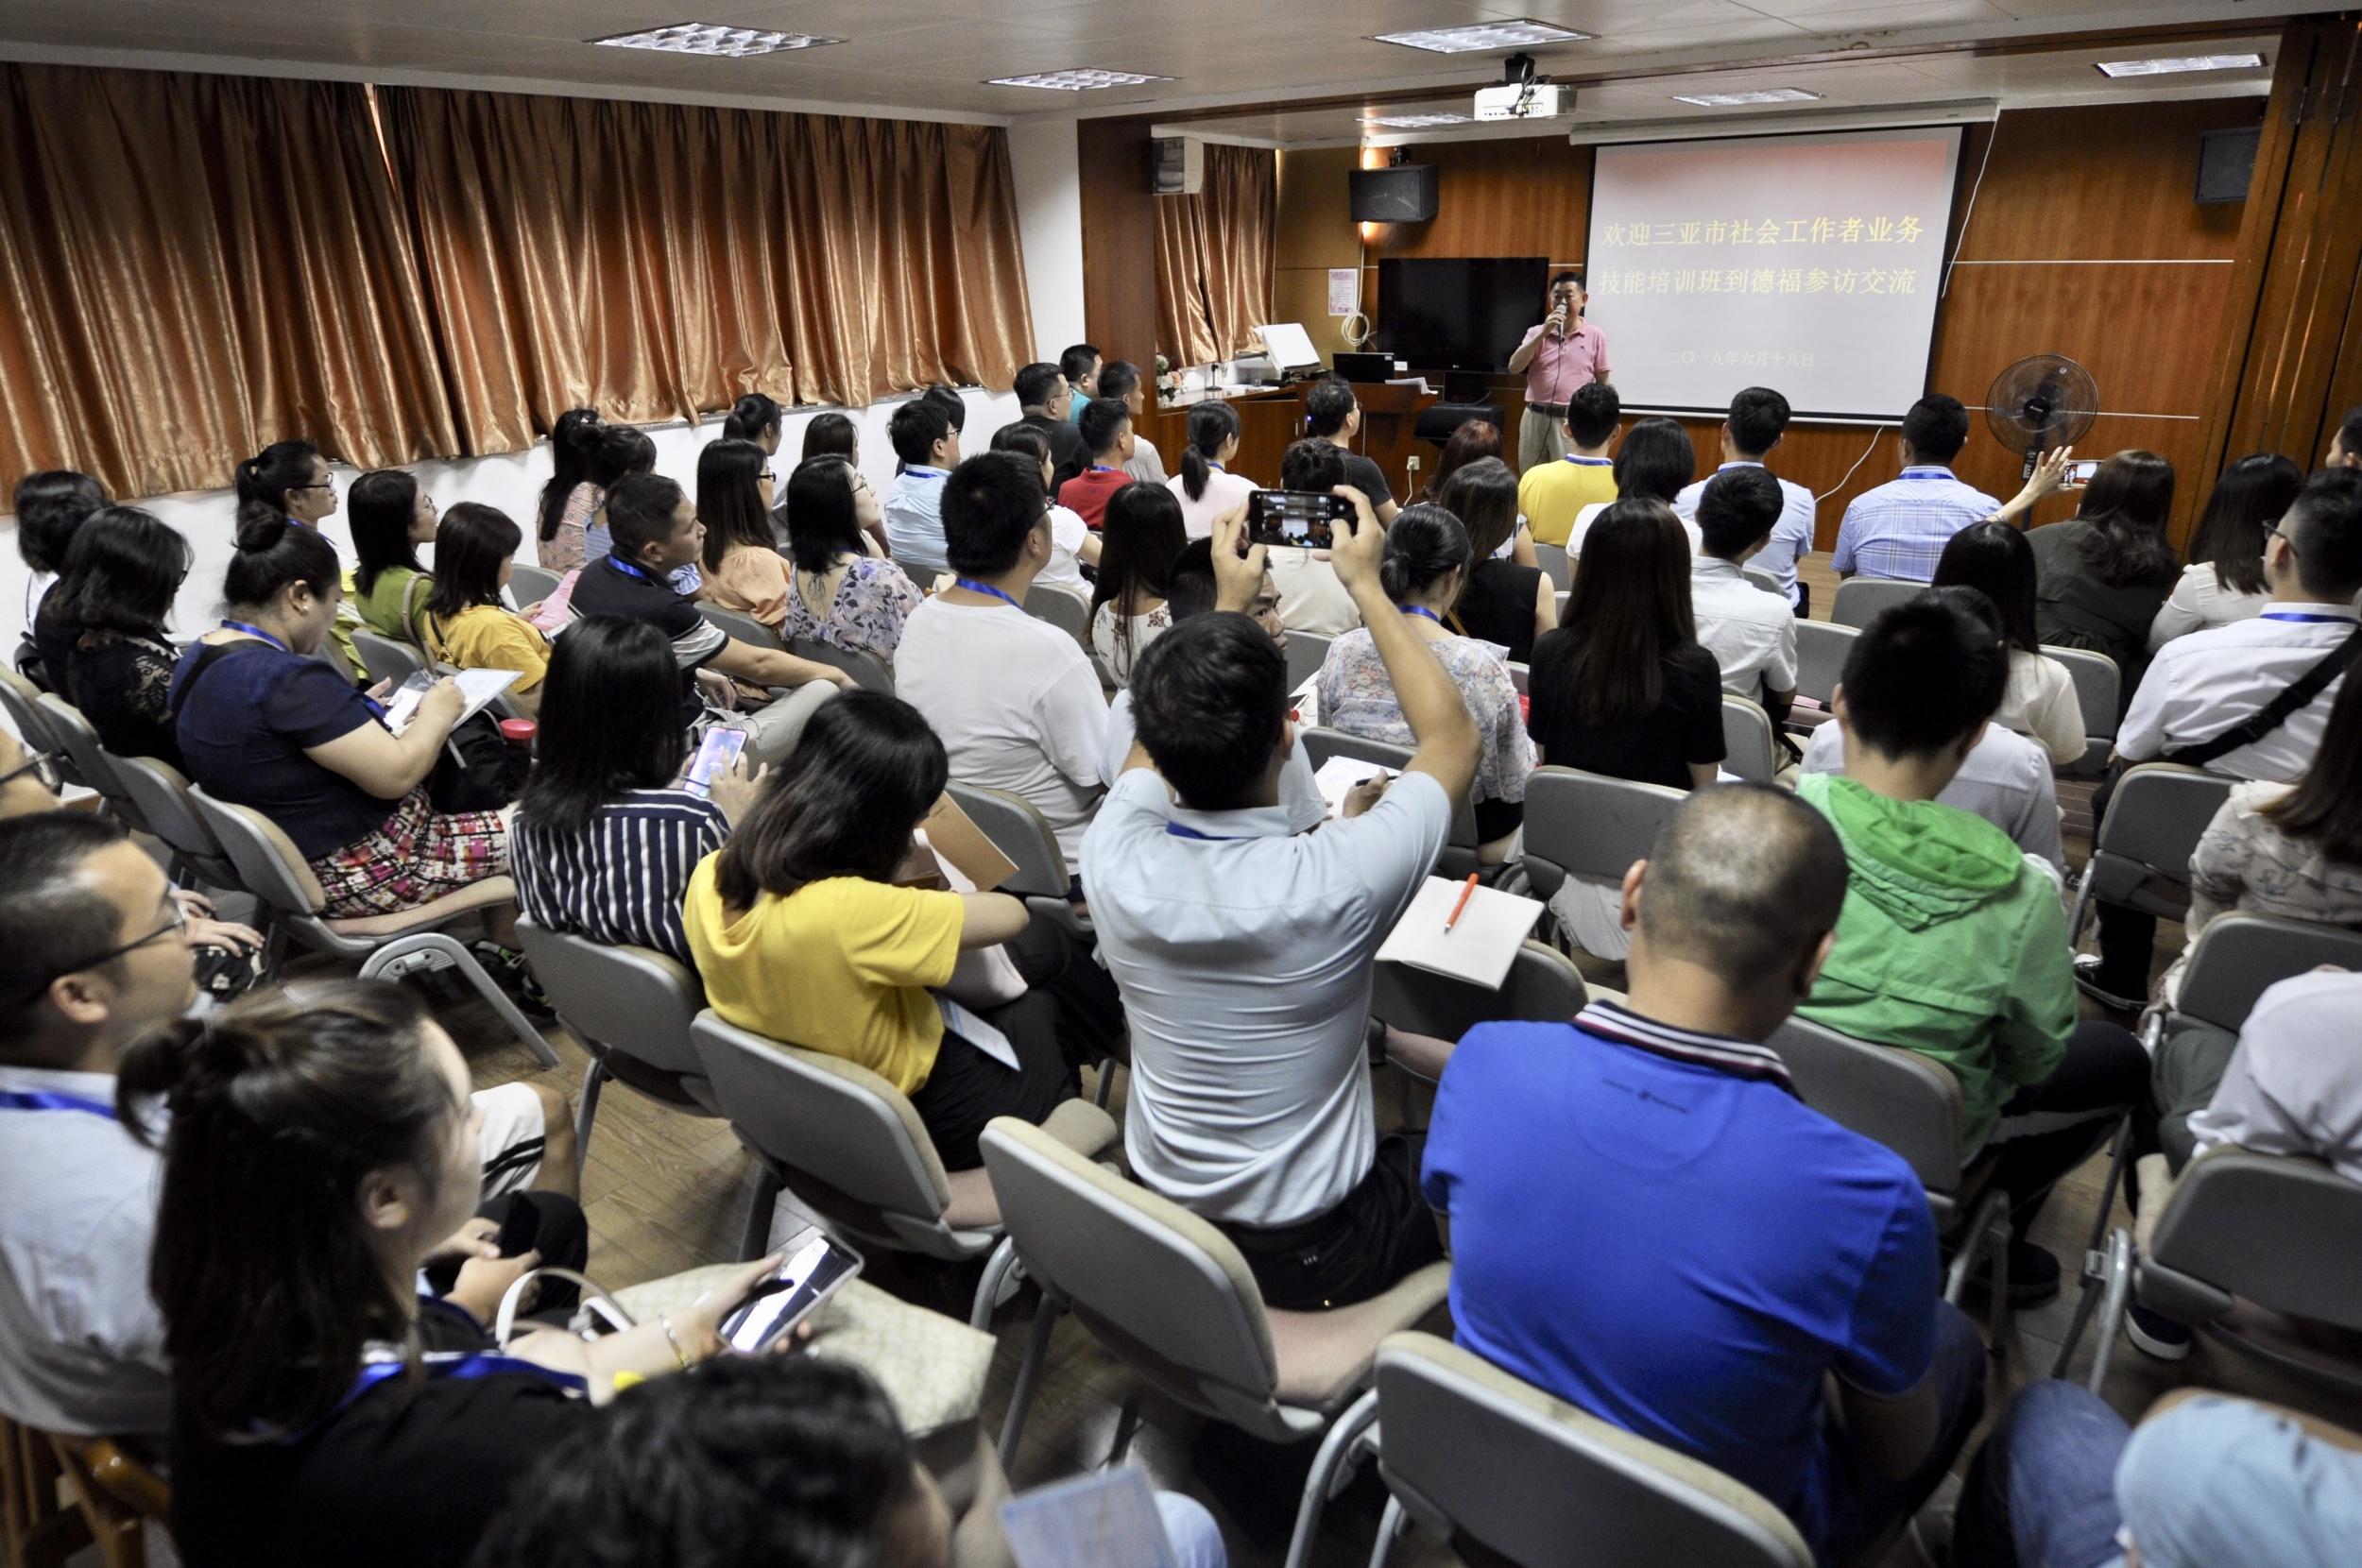 三亚市社会工作者业务技能培训班到德福交流